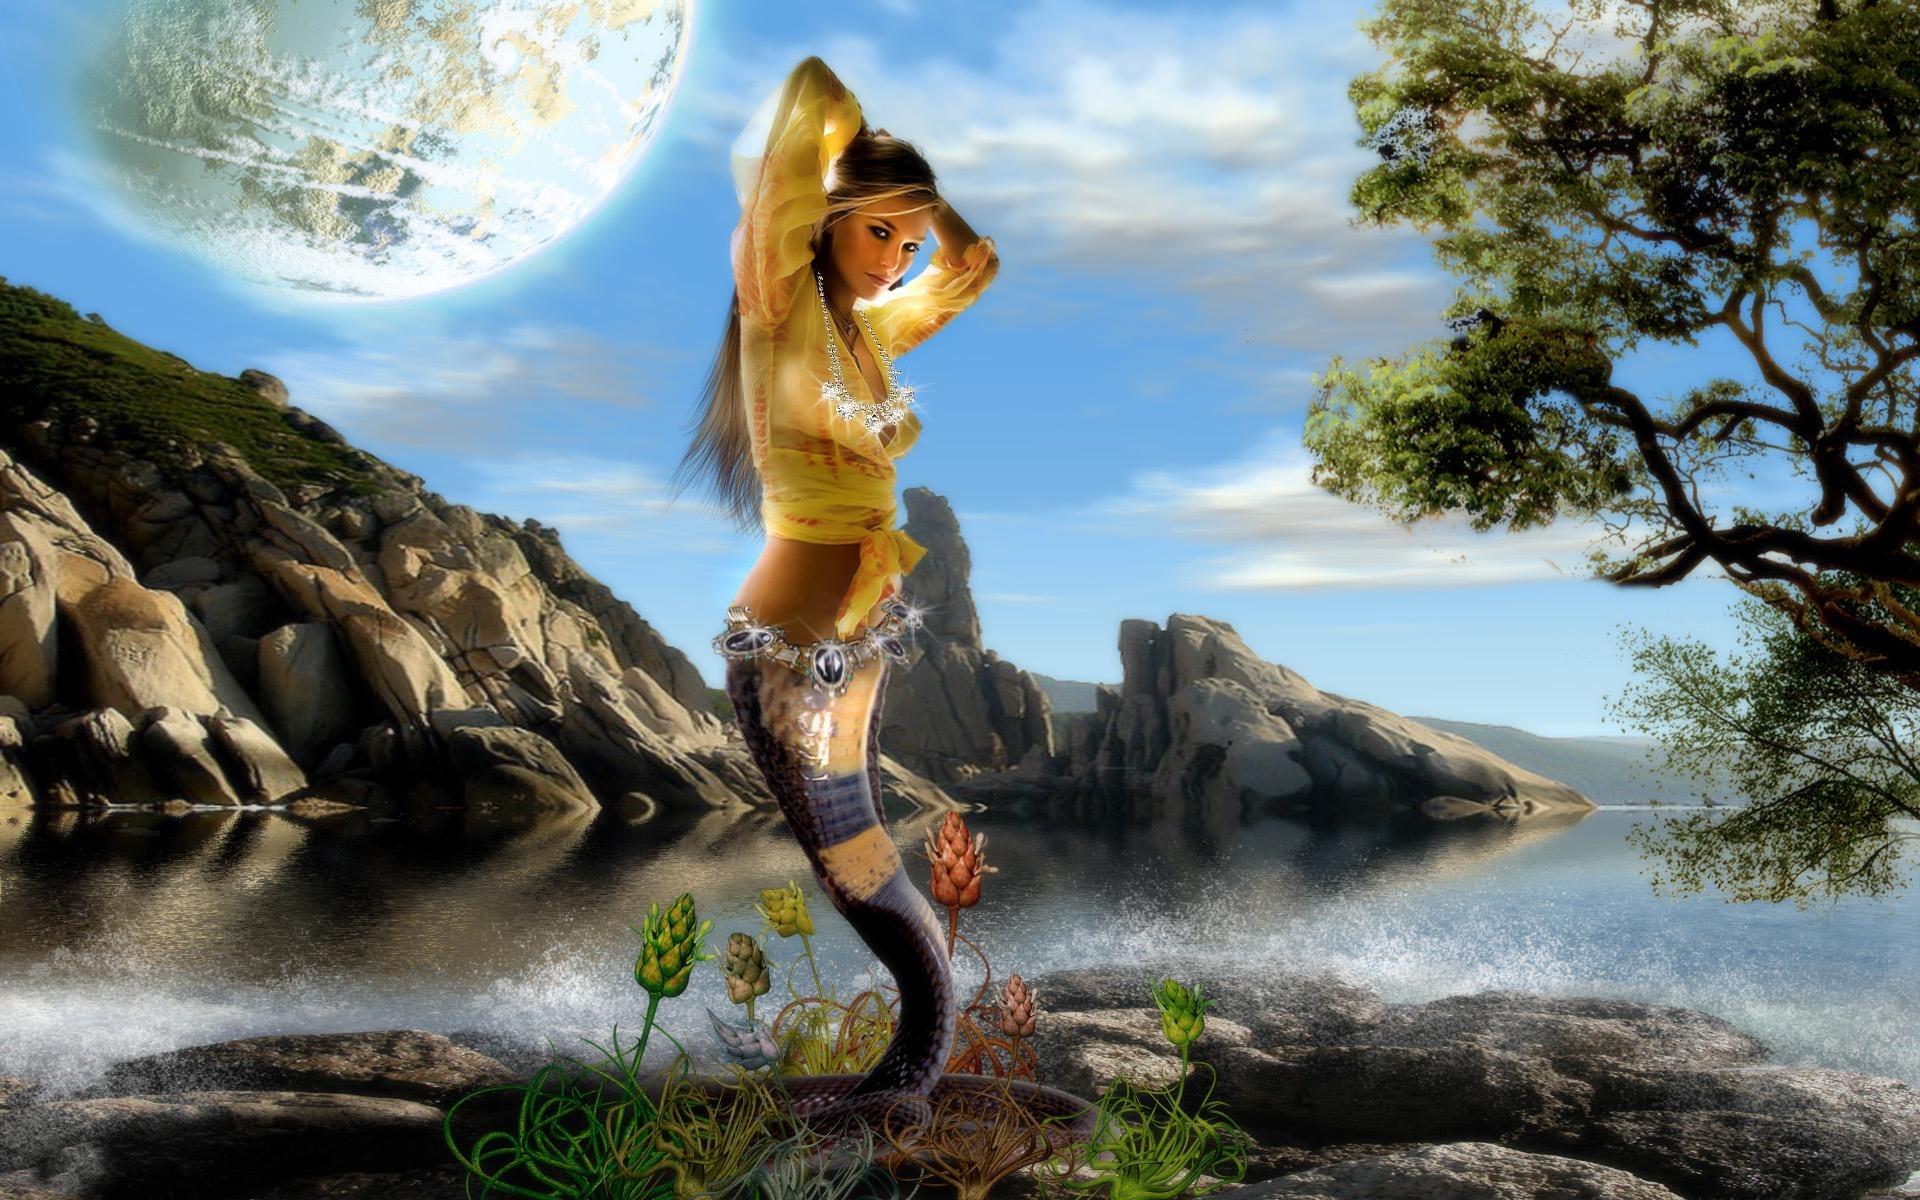 29364 Hintergrundbild herunterladen Mädchen, Fantasie, Fotokunst - Bildschirmschoner und Bilder kostenlos